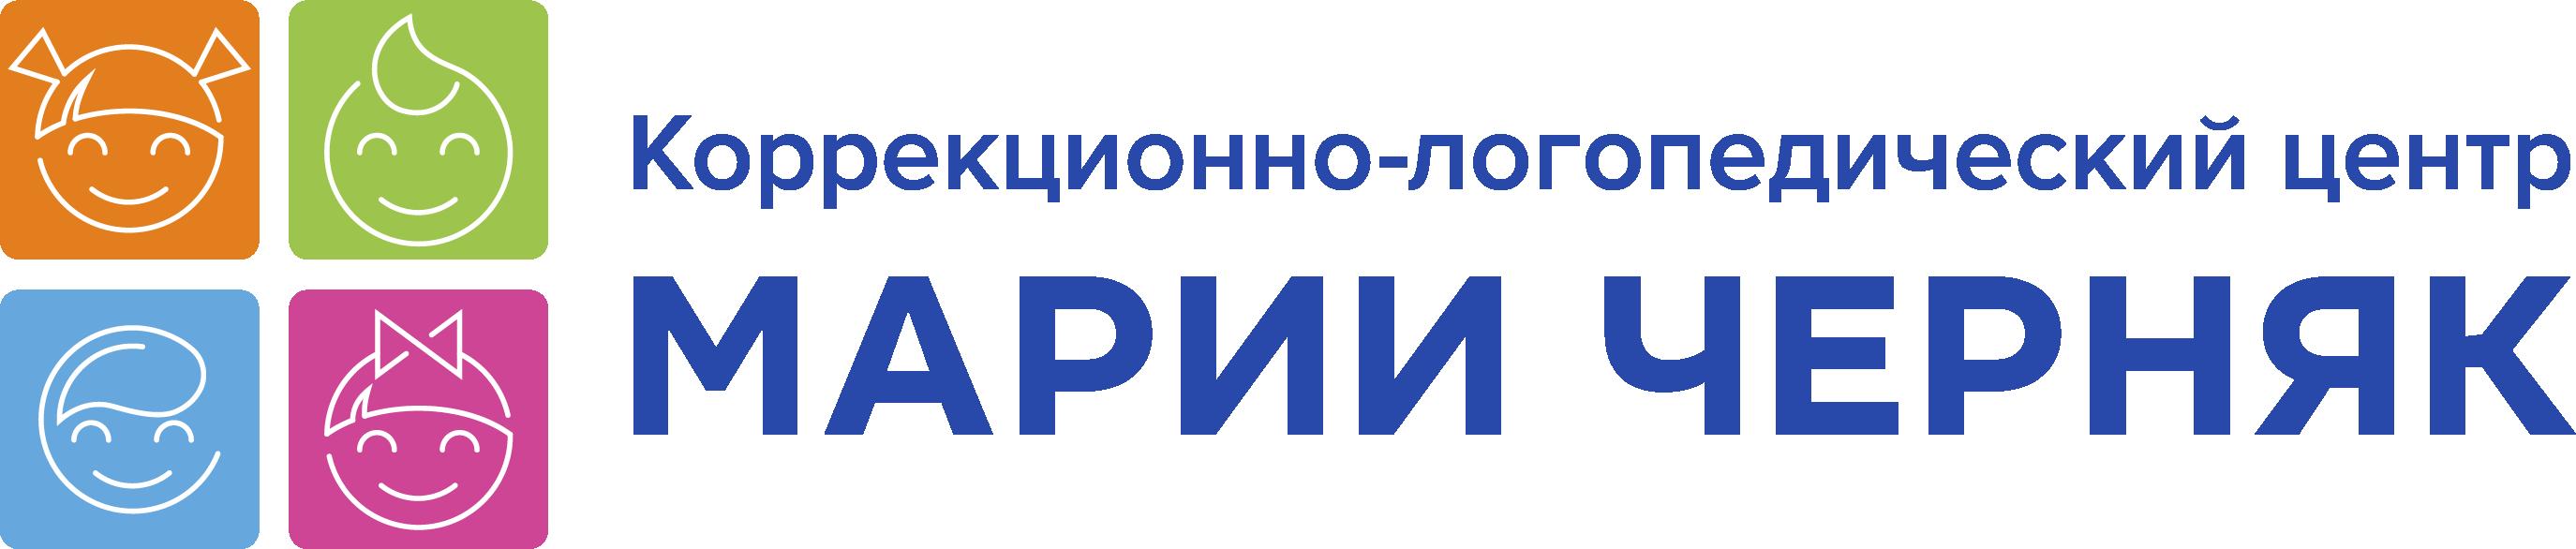 Коррекционно-логопедический центр Марии Черняк